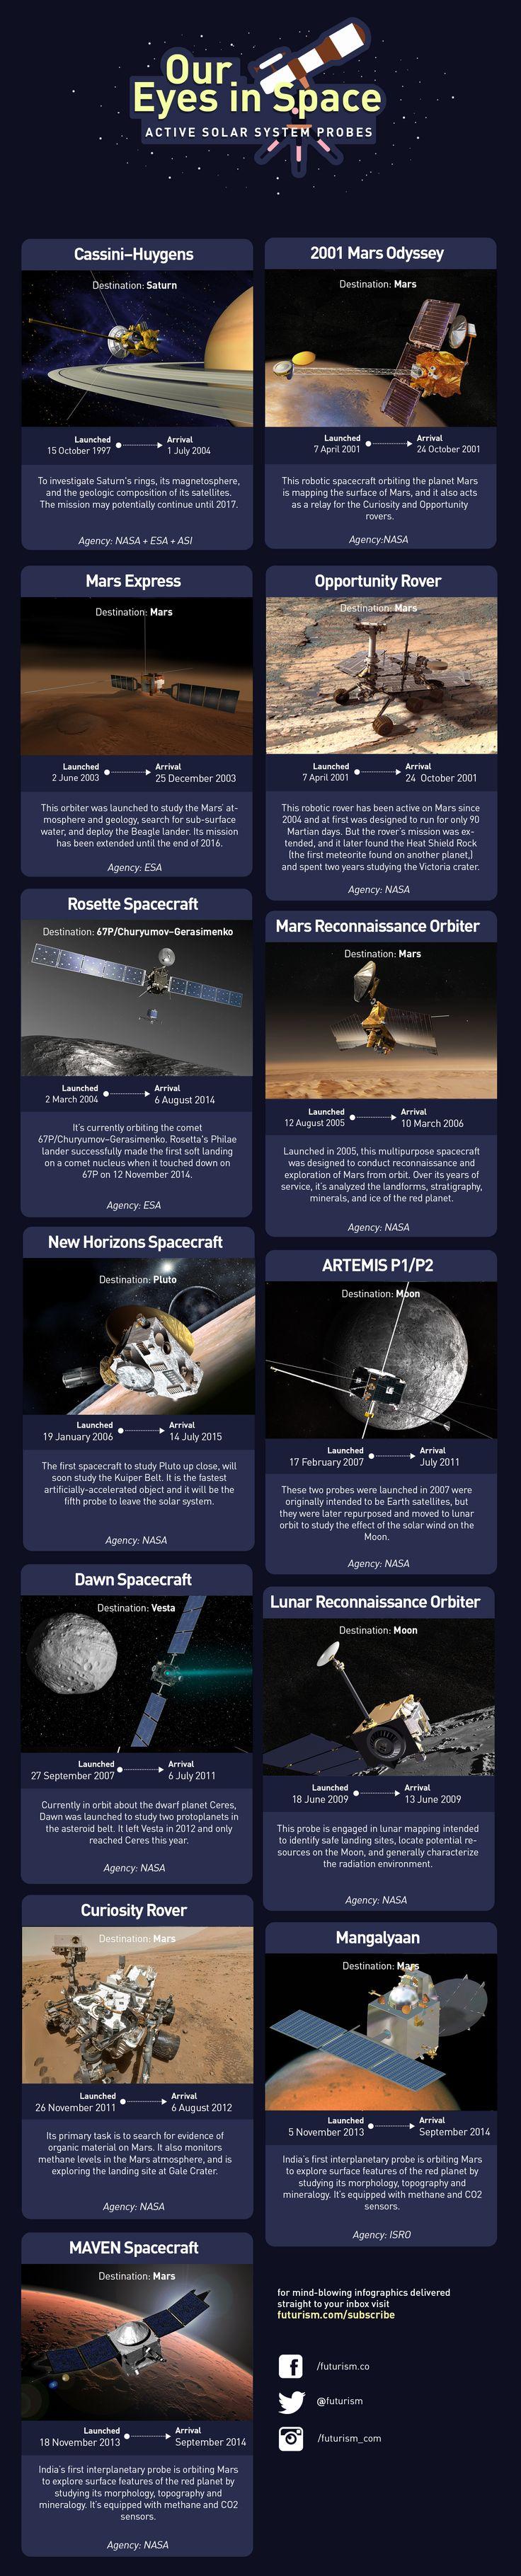 1c7b7cdf13533fa768834afe30d4c416--the-active-space-exploration Verwunderlich Das Weltall ist Unendlich Dekorationen